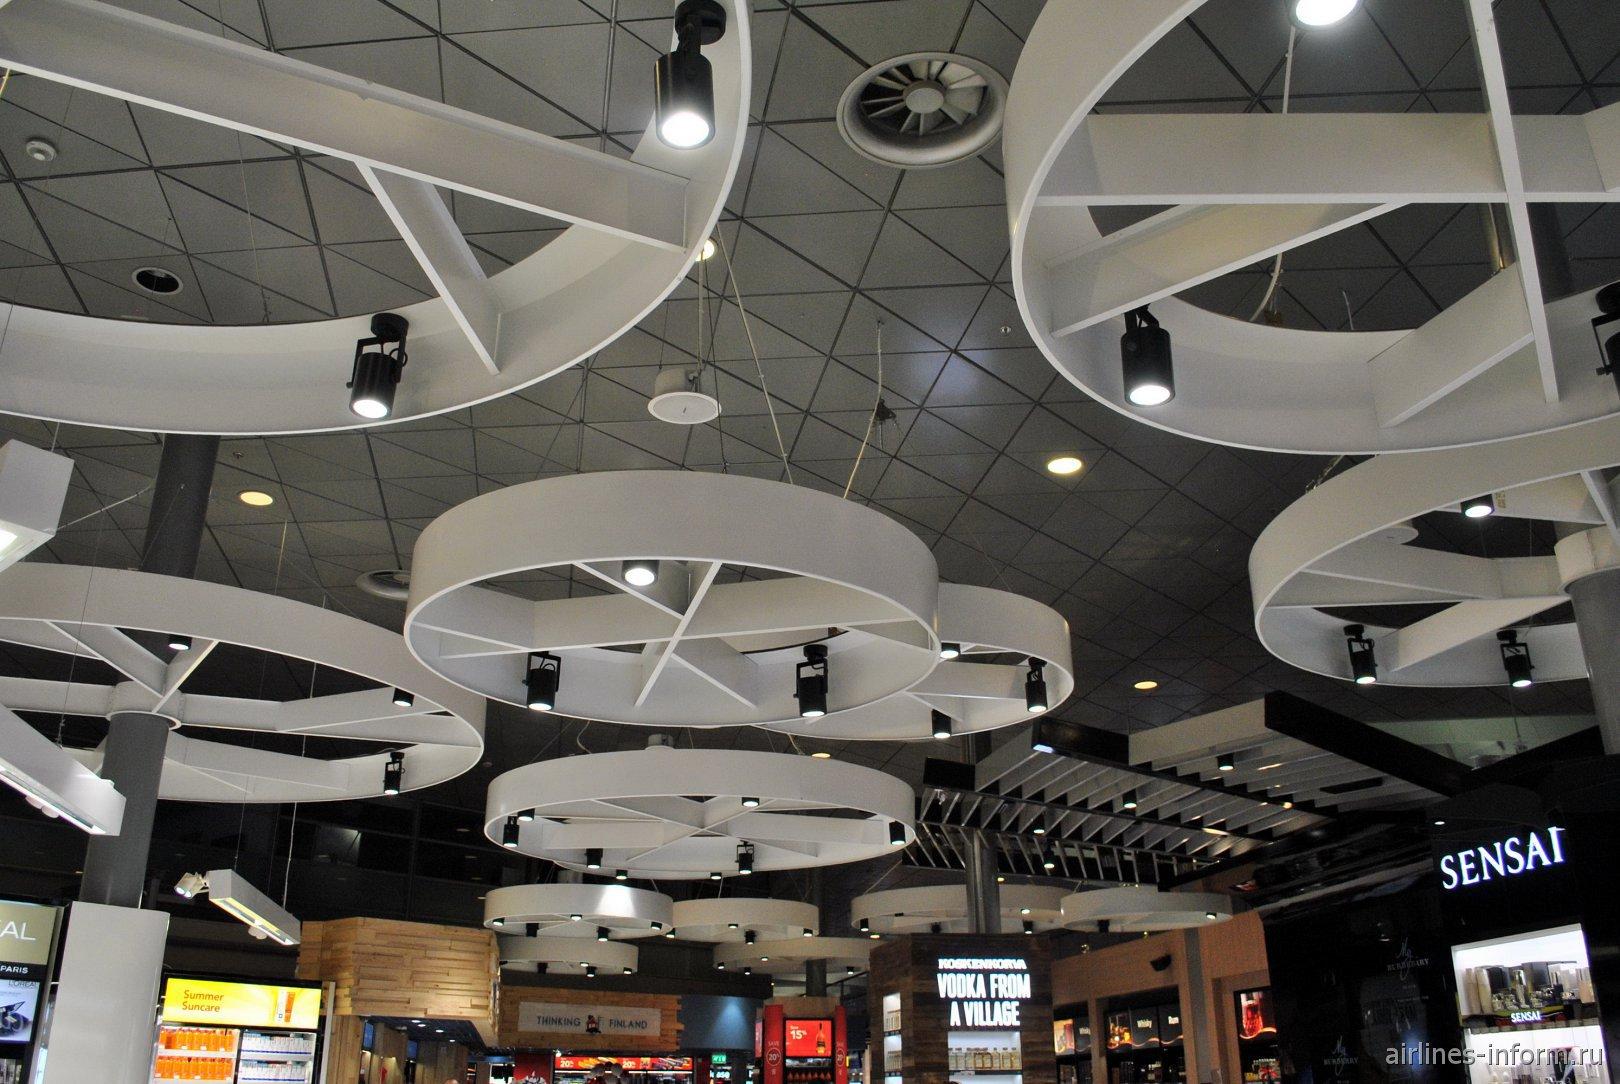 Потолок в чистой зоне терминала Т2 аэропорта Хельсинки Вантаа